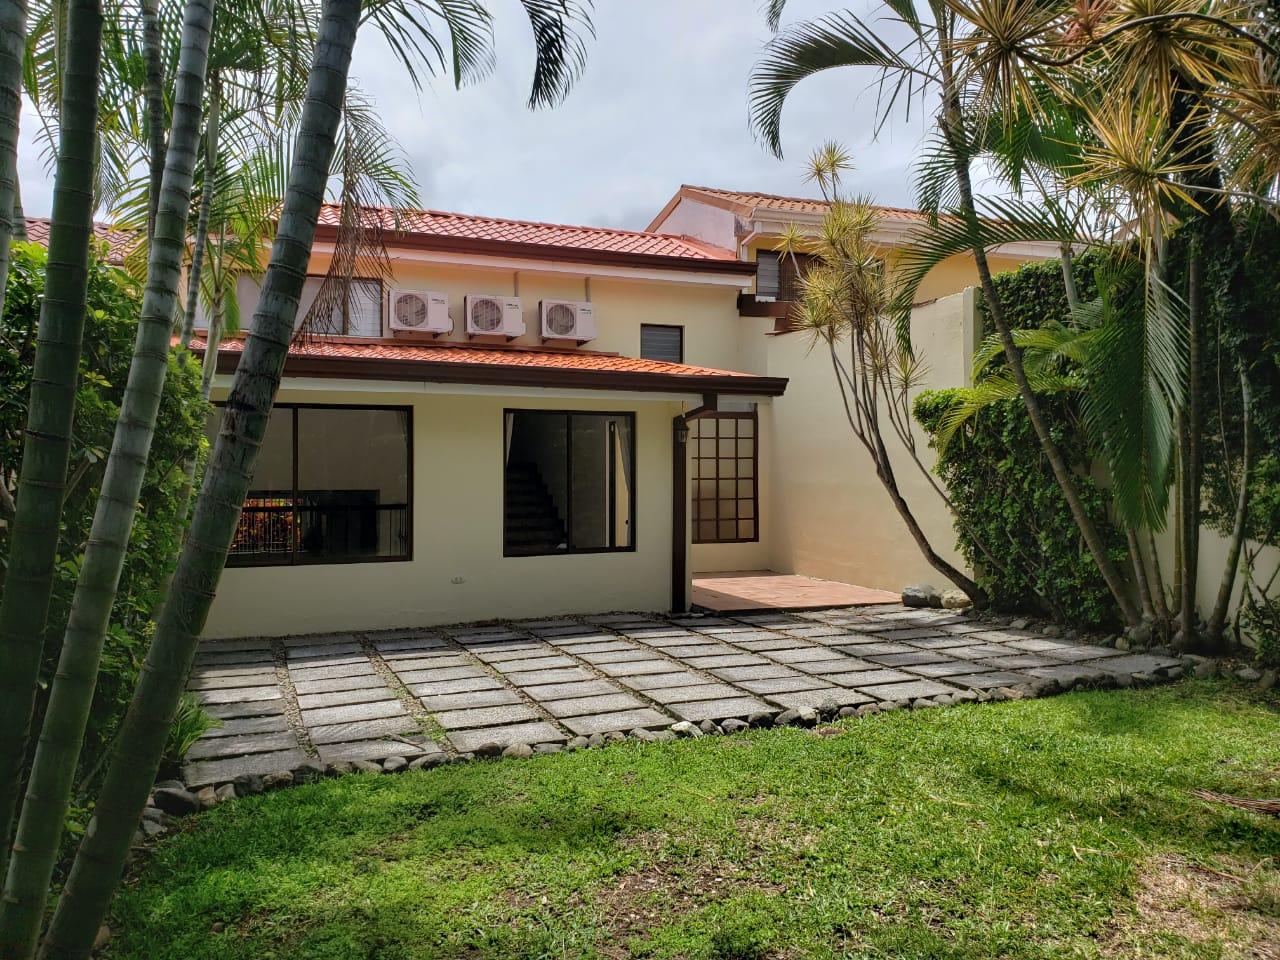 2510 Casa dentro de residencial en jaboncillos